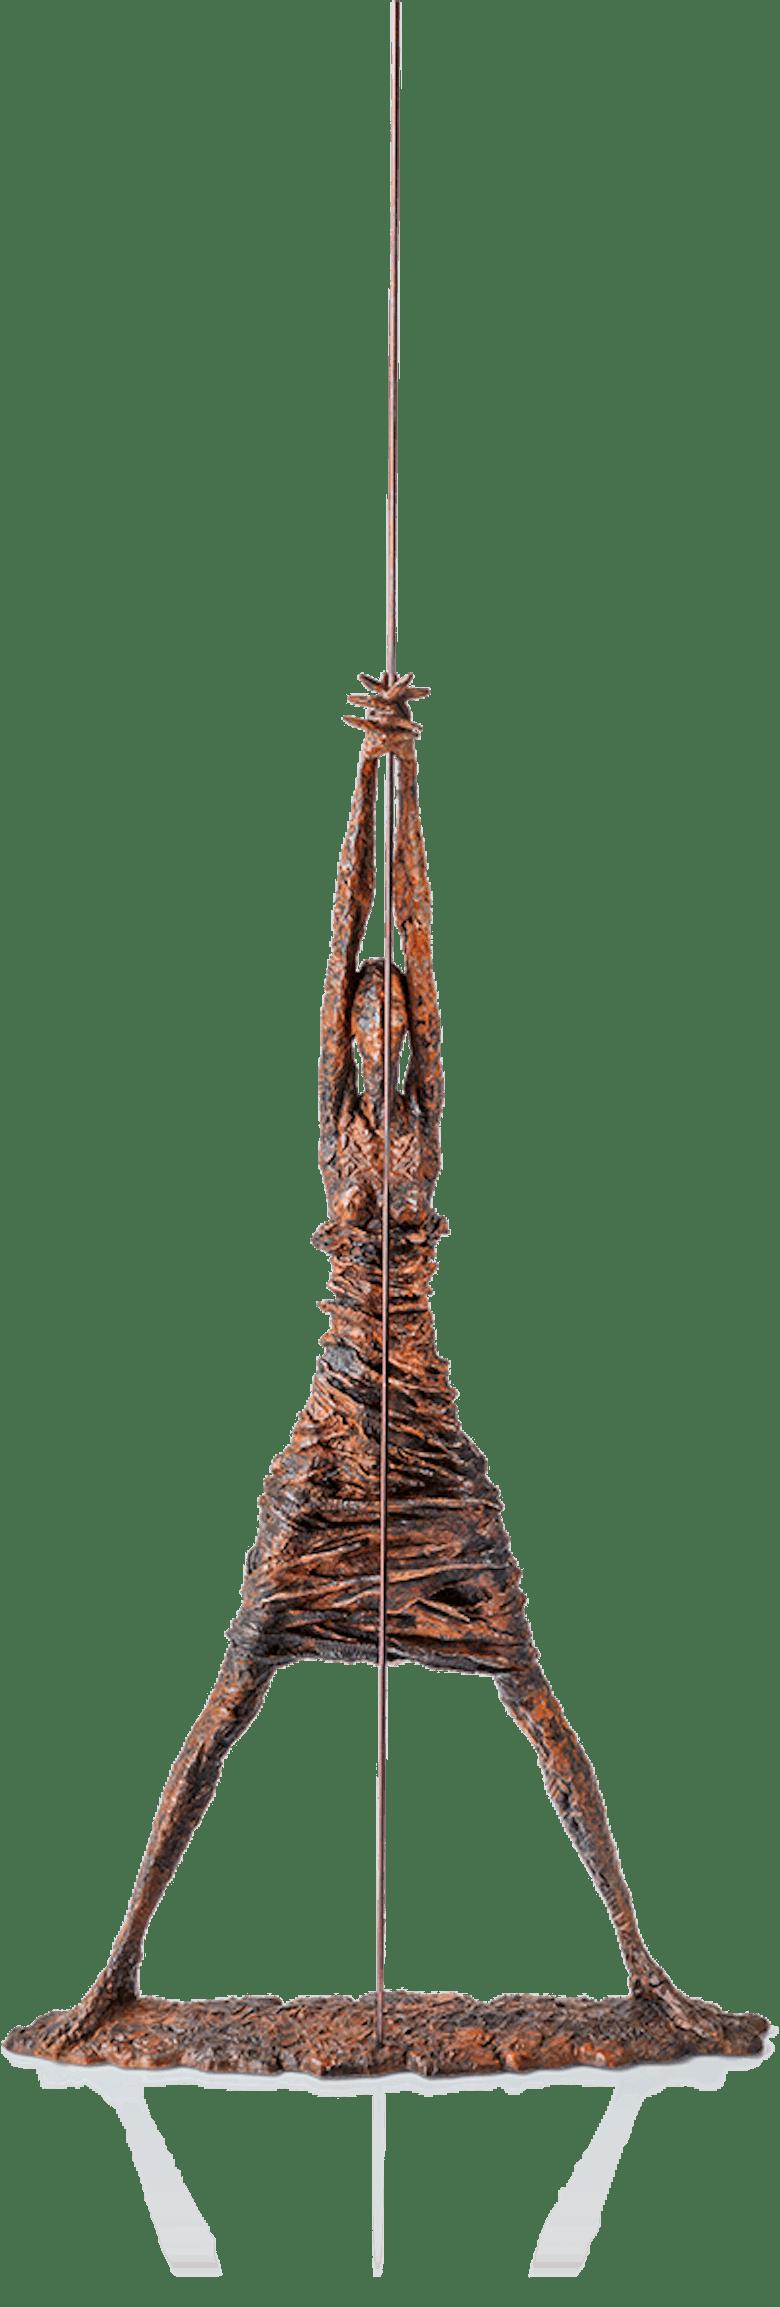 Bronzefigur »Afrikanerin mit Speer« von Vitali Safronov